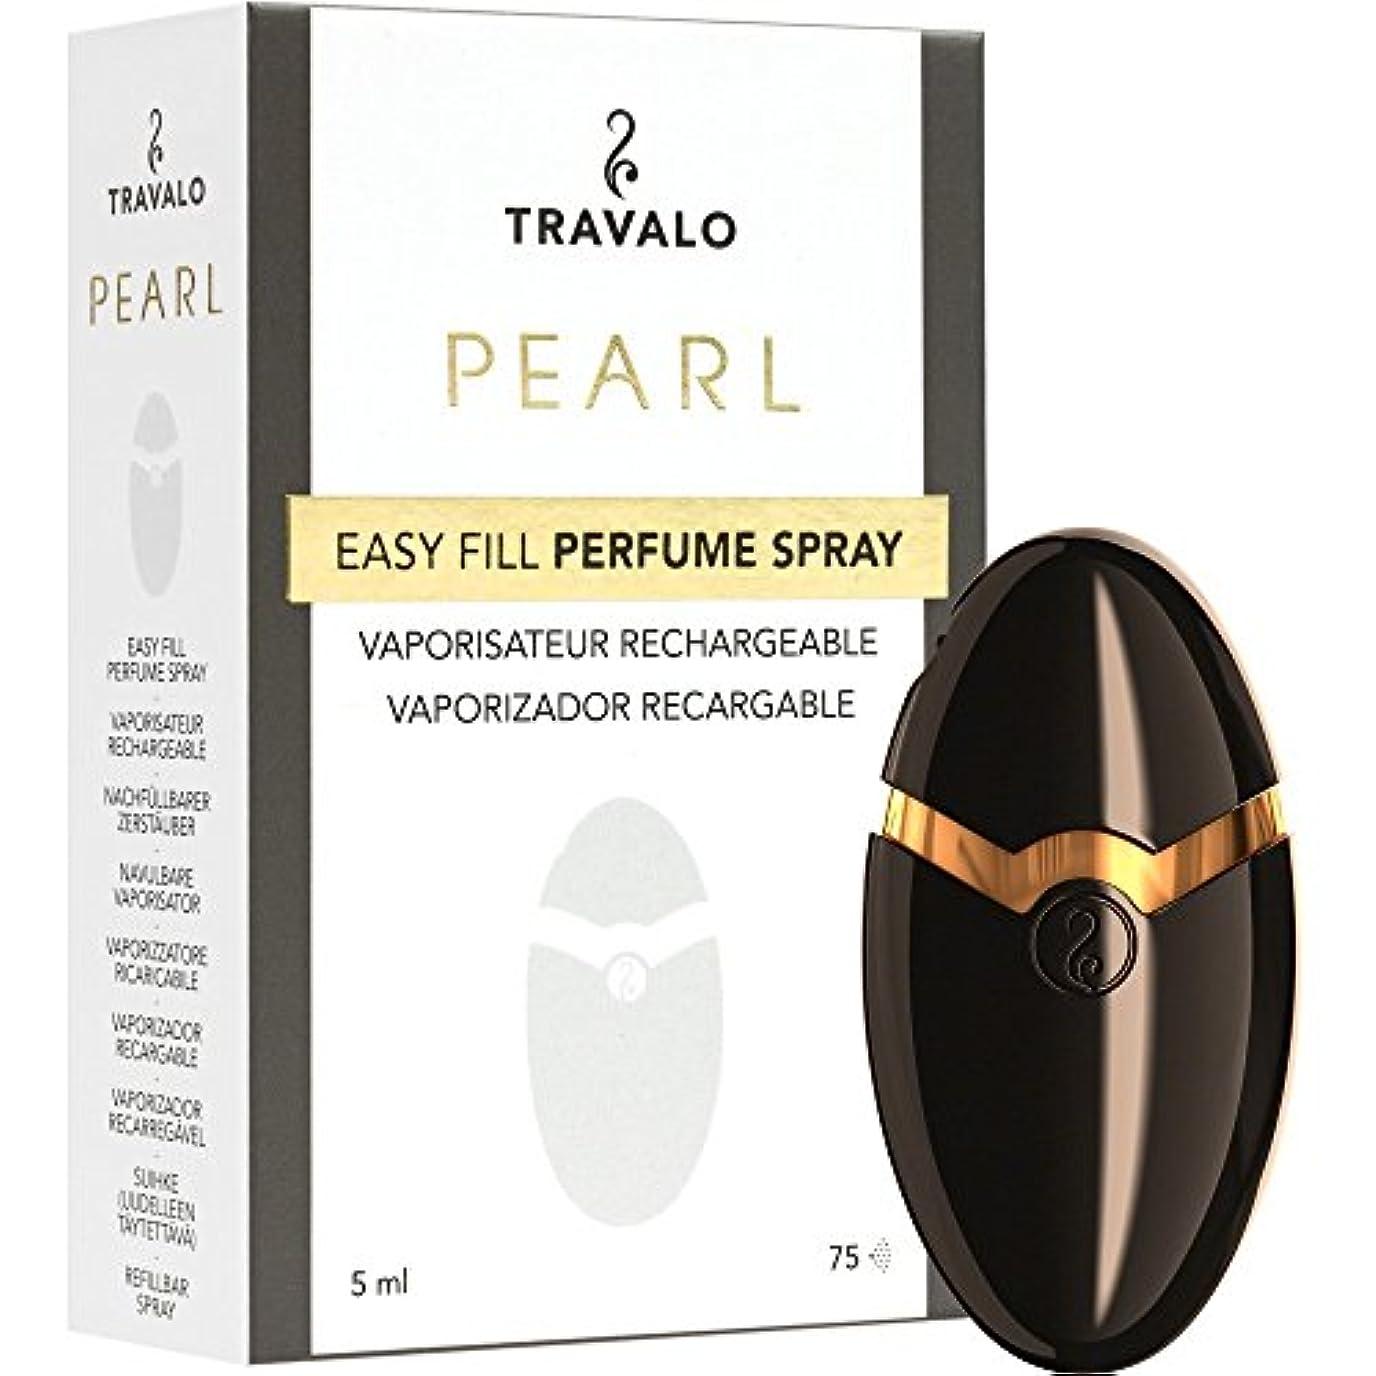 チョコレート期限切れ面積TRAVALO PEARL トラヴァーロ 香水 スプレー 香水 アトマイザー 香水 ボトル (ブラック)